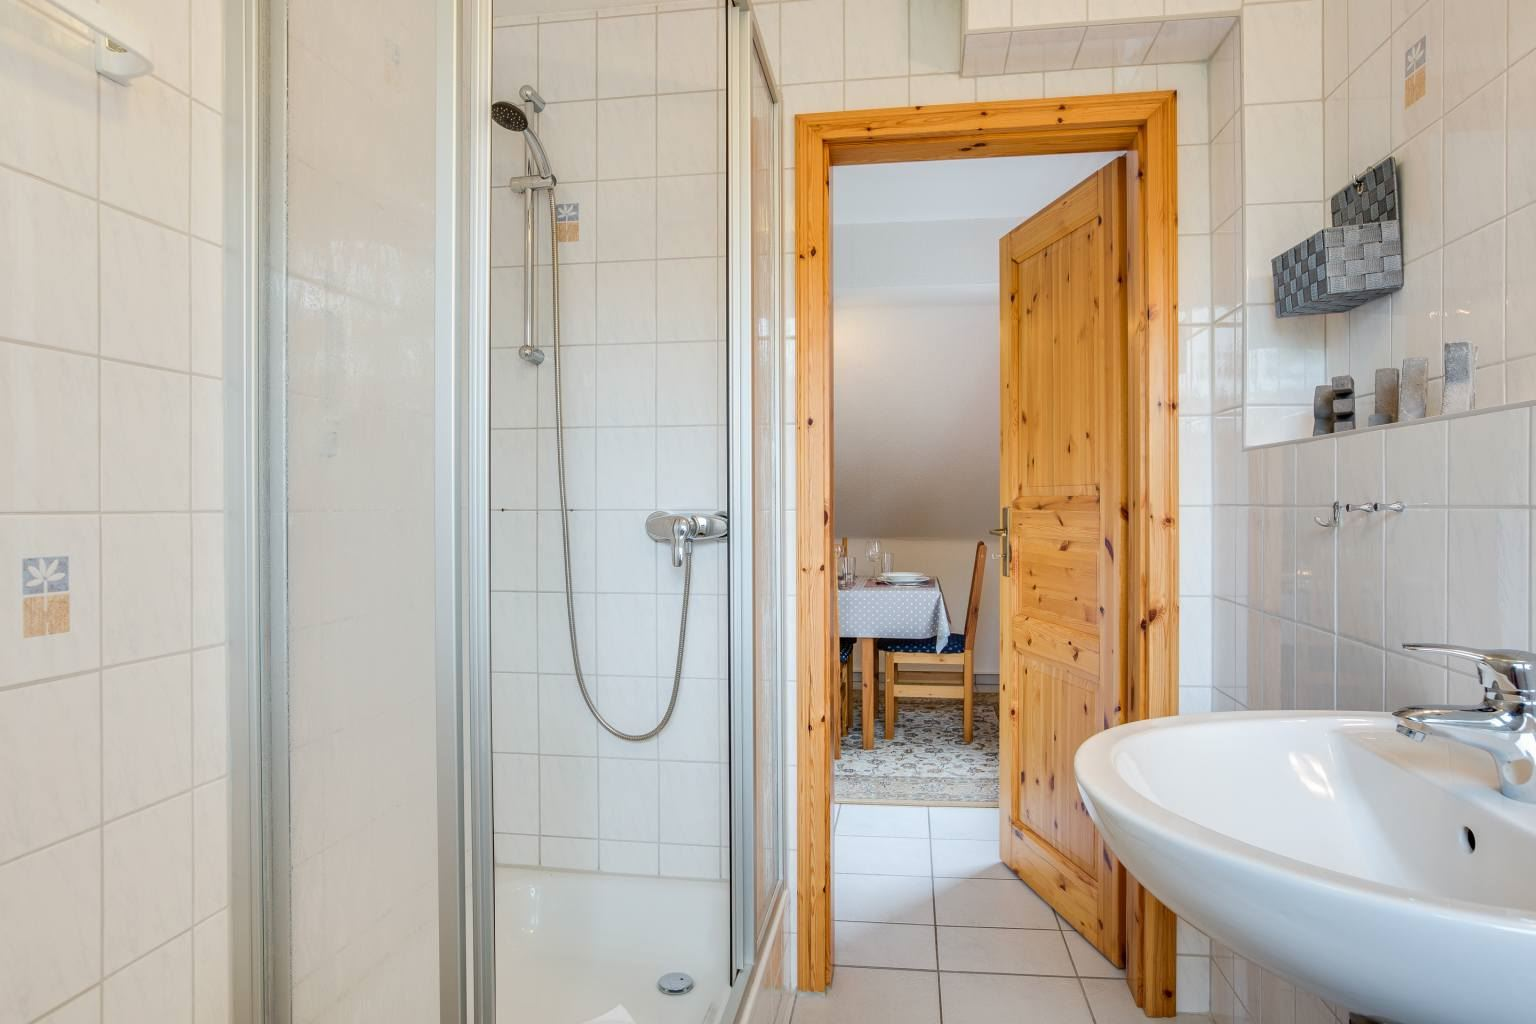 Badezimmer - Haus Sturmmoewe, Wohnung 5, 2-Zimmer-Ferienwohnung, Badallee 27-27a, St. Peter-Dorf